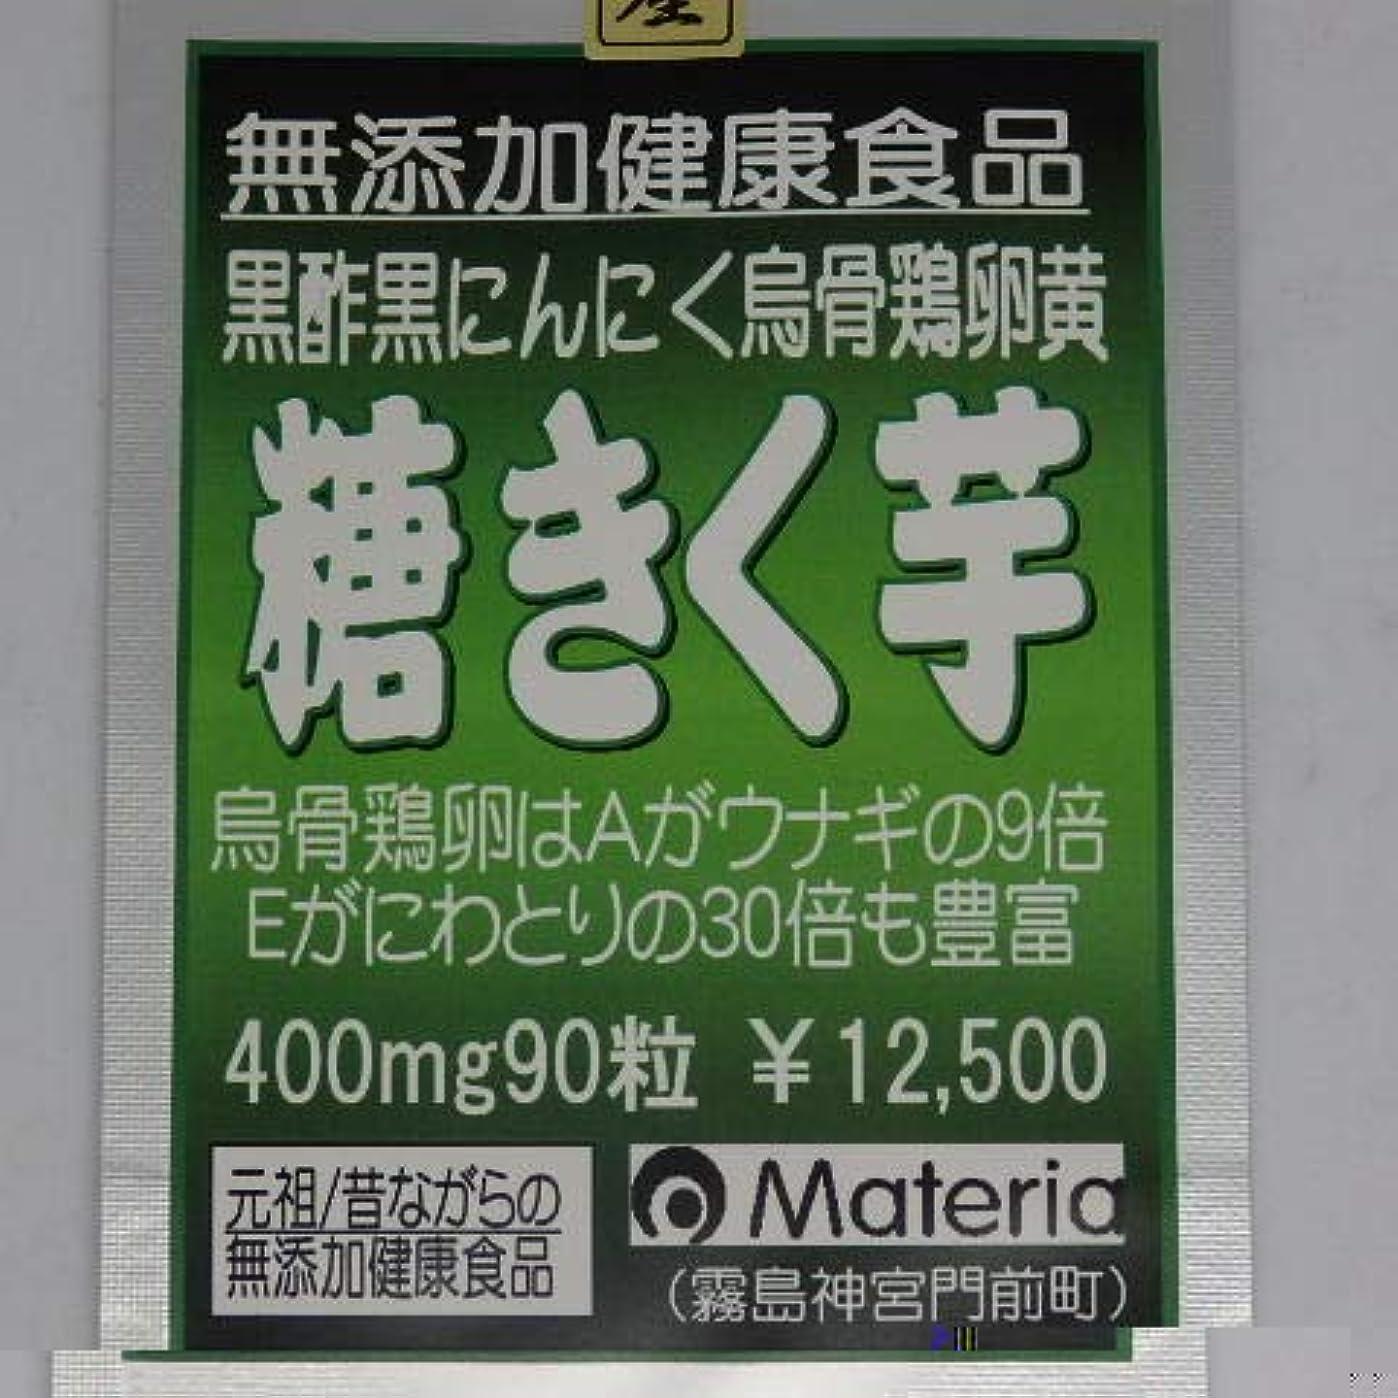 酸っぱい執着チェスをする無添加健康食品/黒酢黒にんにく烏骨鶏卵黄/菊芋糖系 (90粒)90日分¥12,500